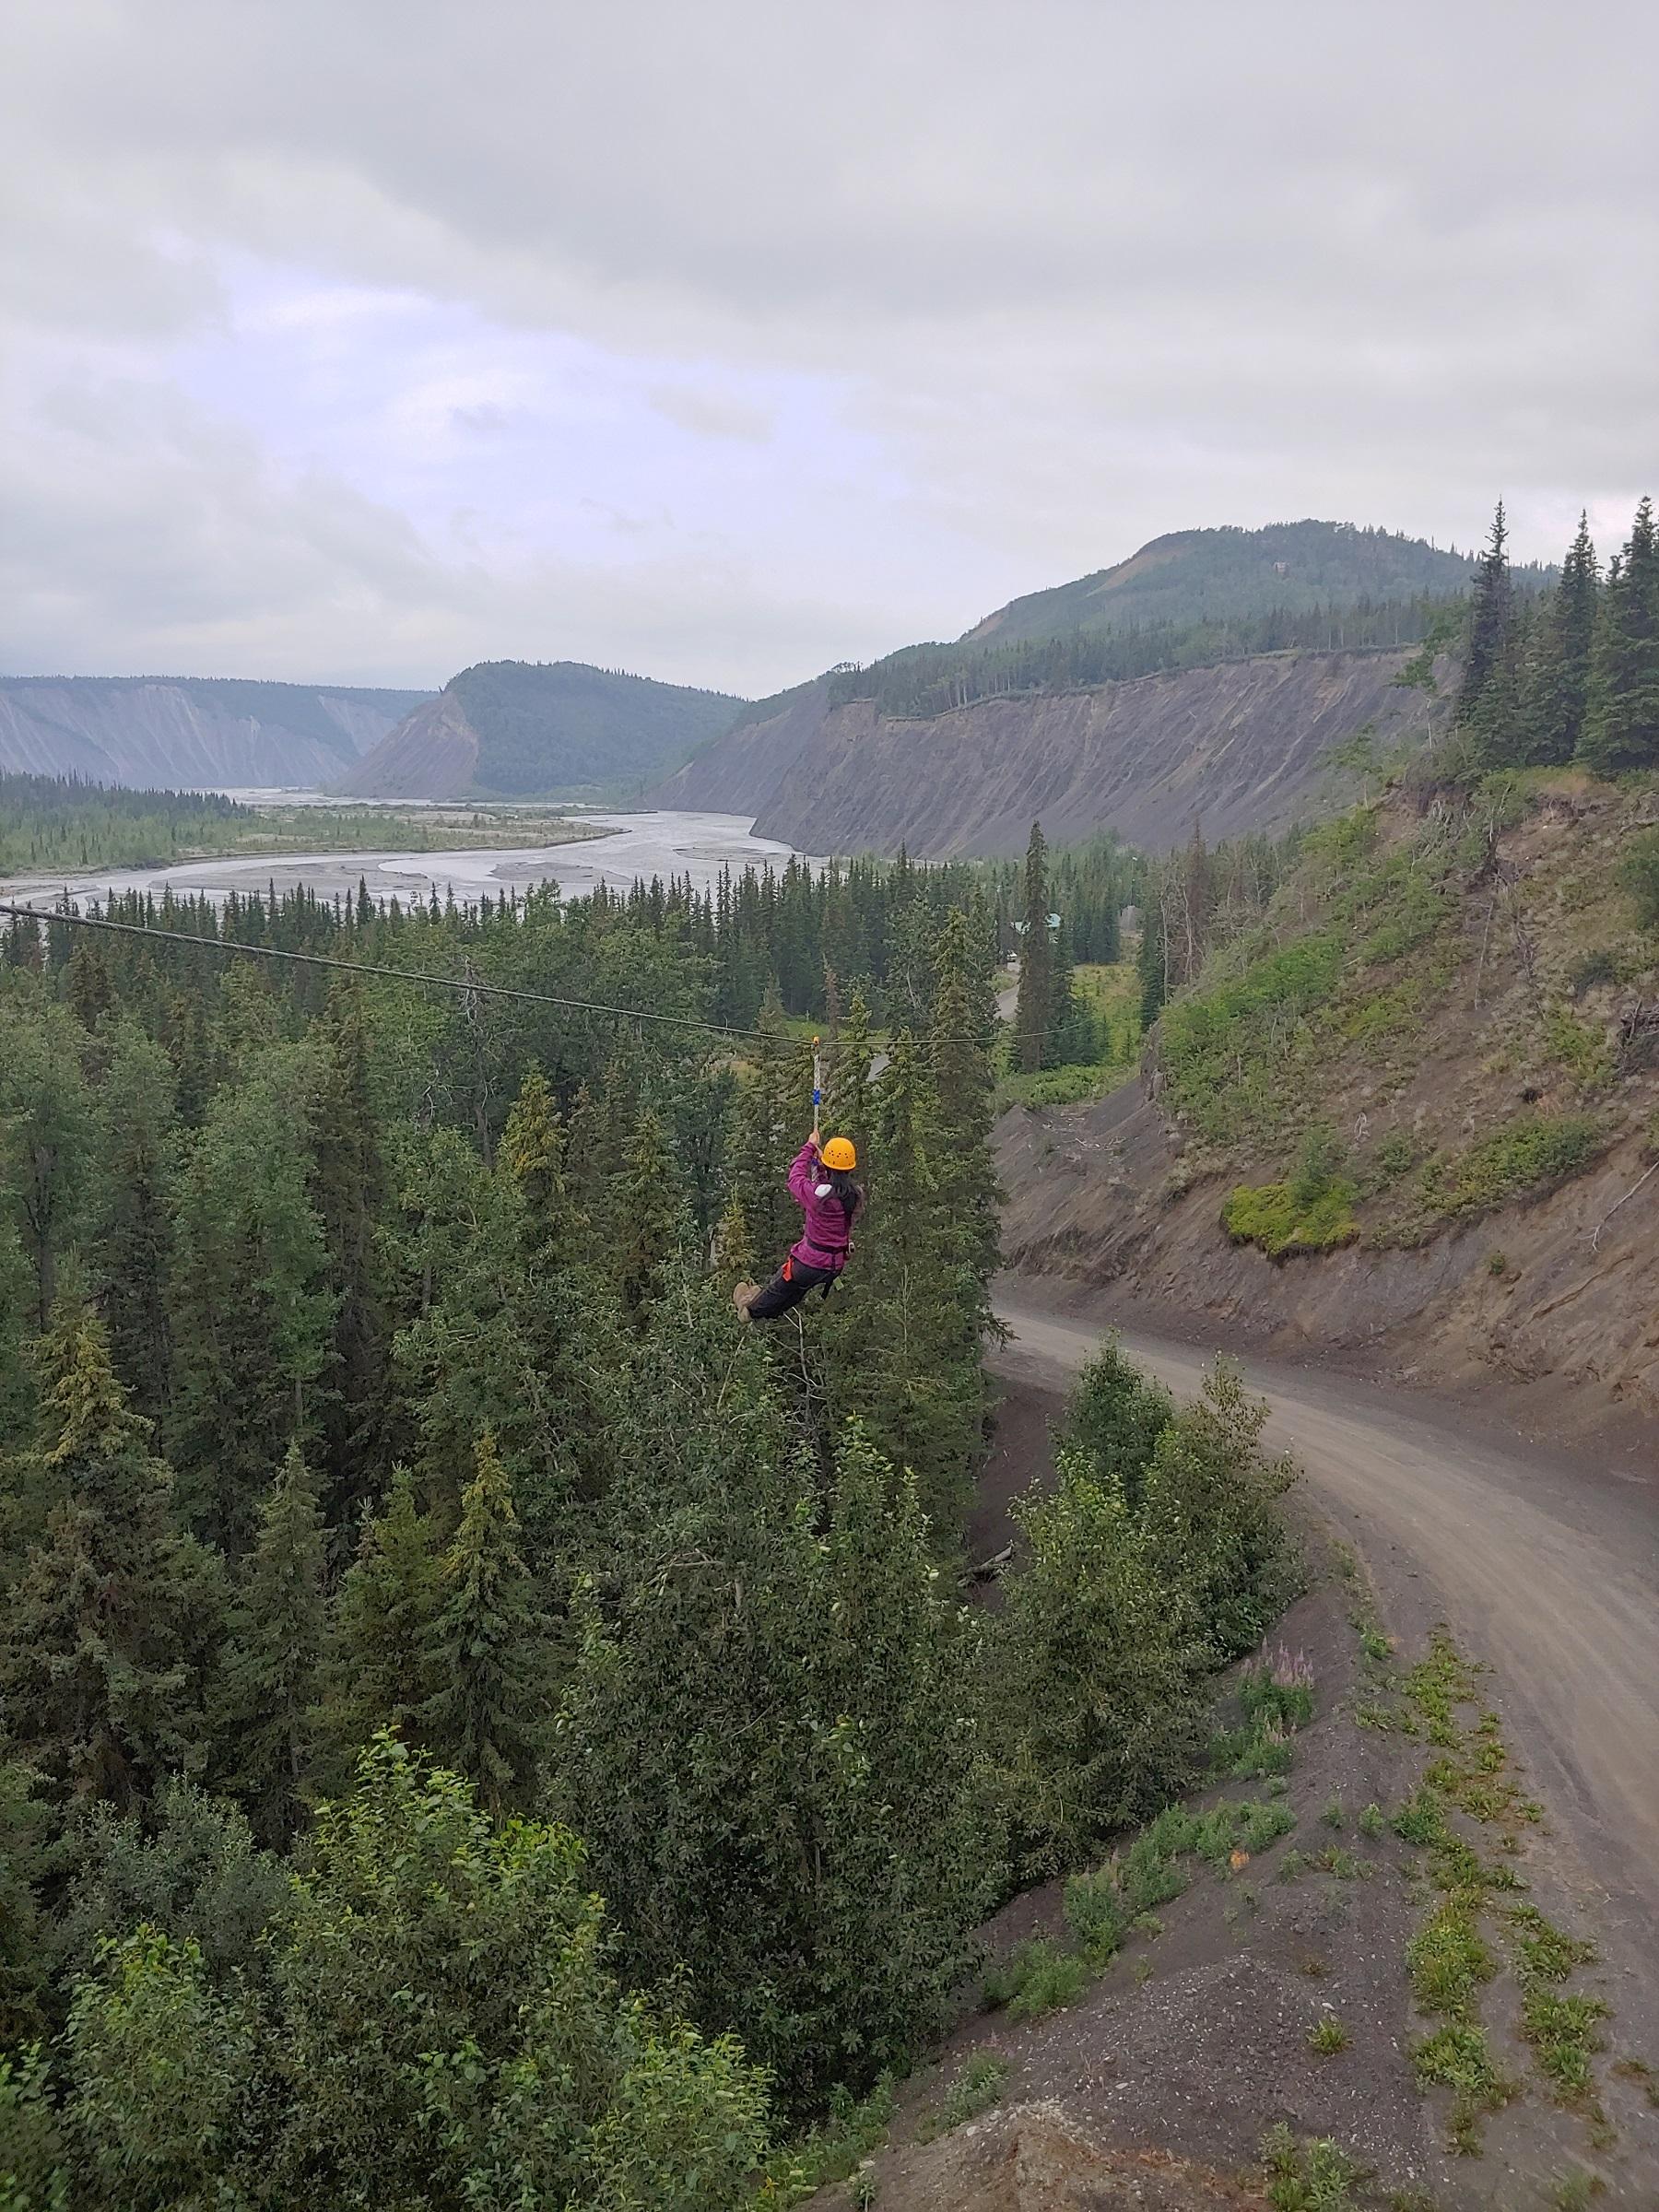 Alaska Zipline Advenutre